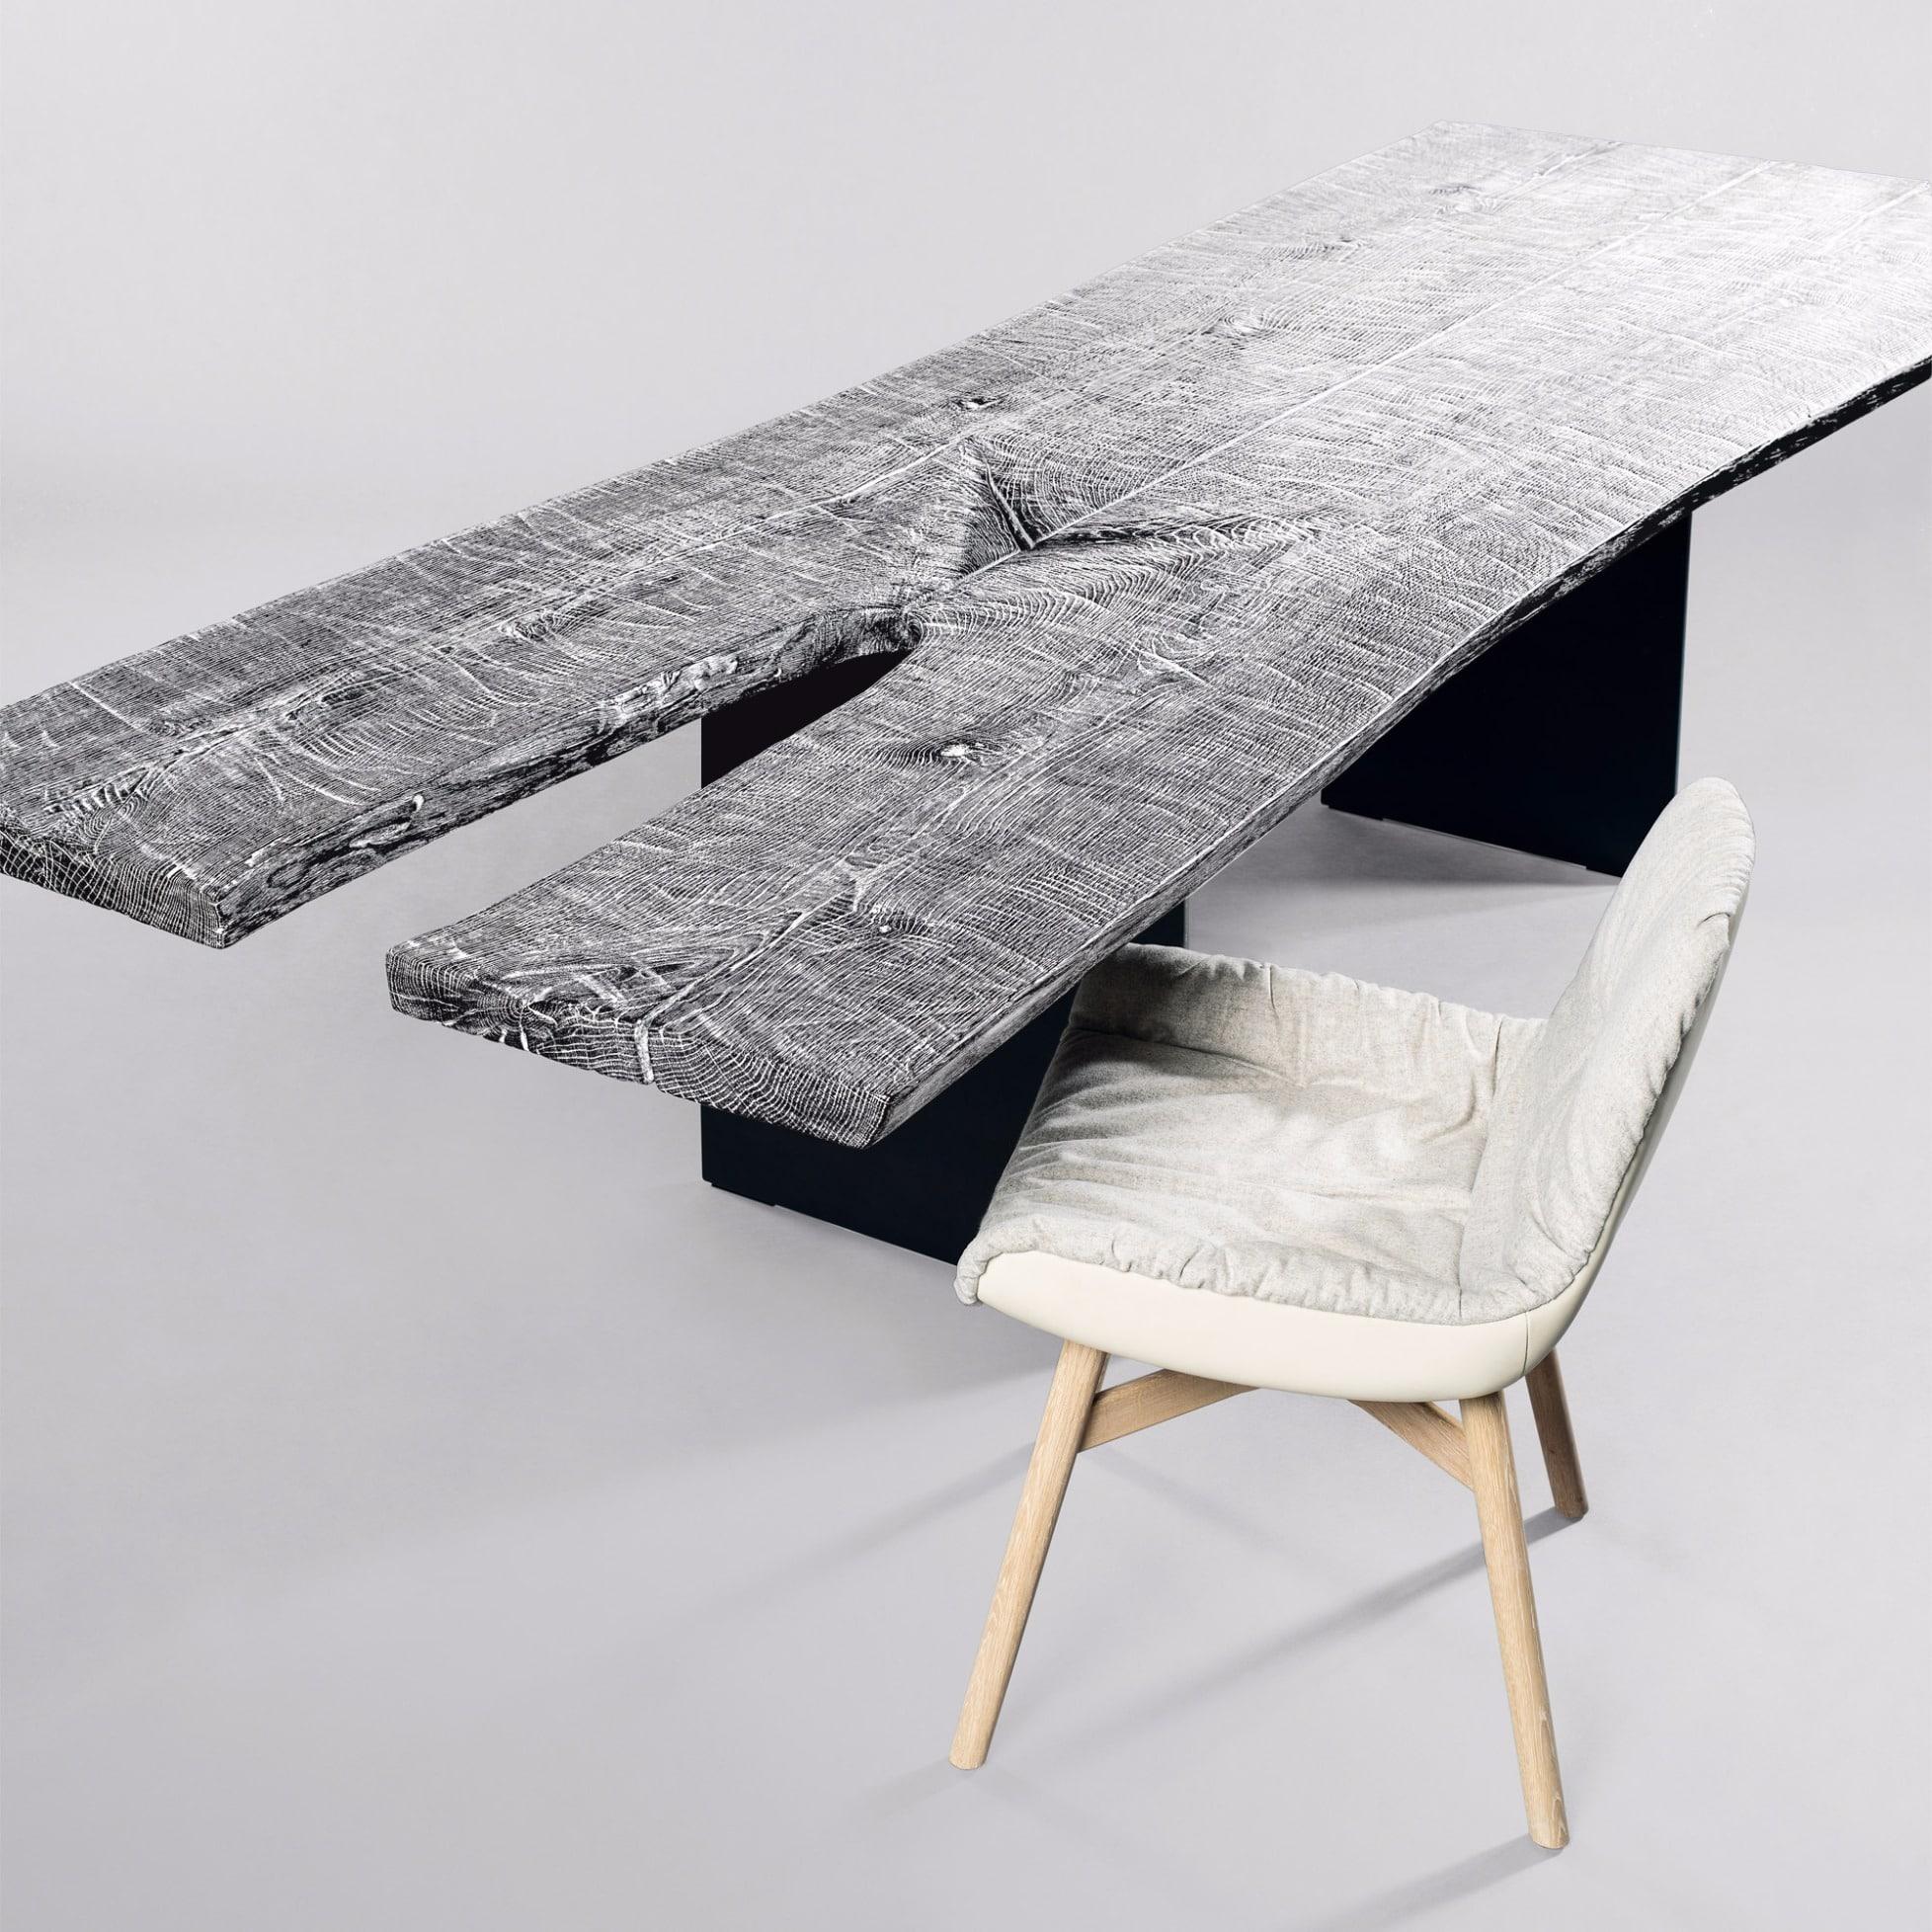 Tisch SK08 Butterfly (gespalten, hell) von Janua